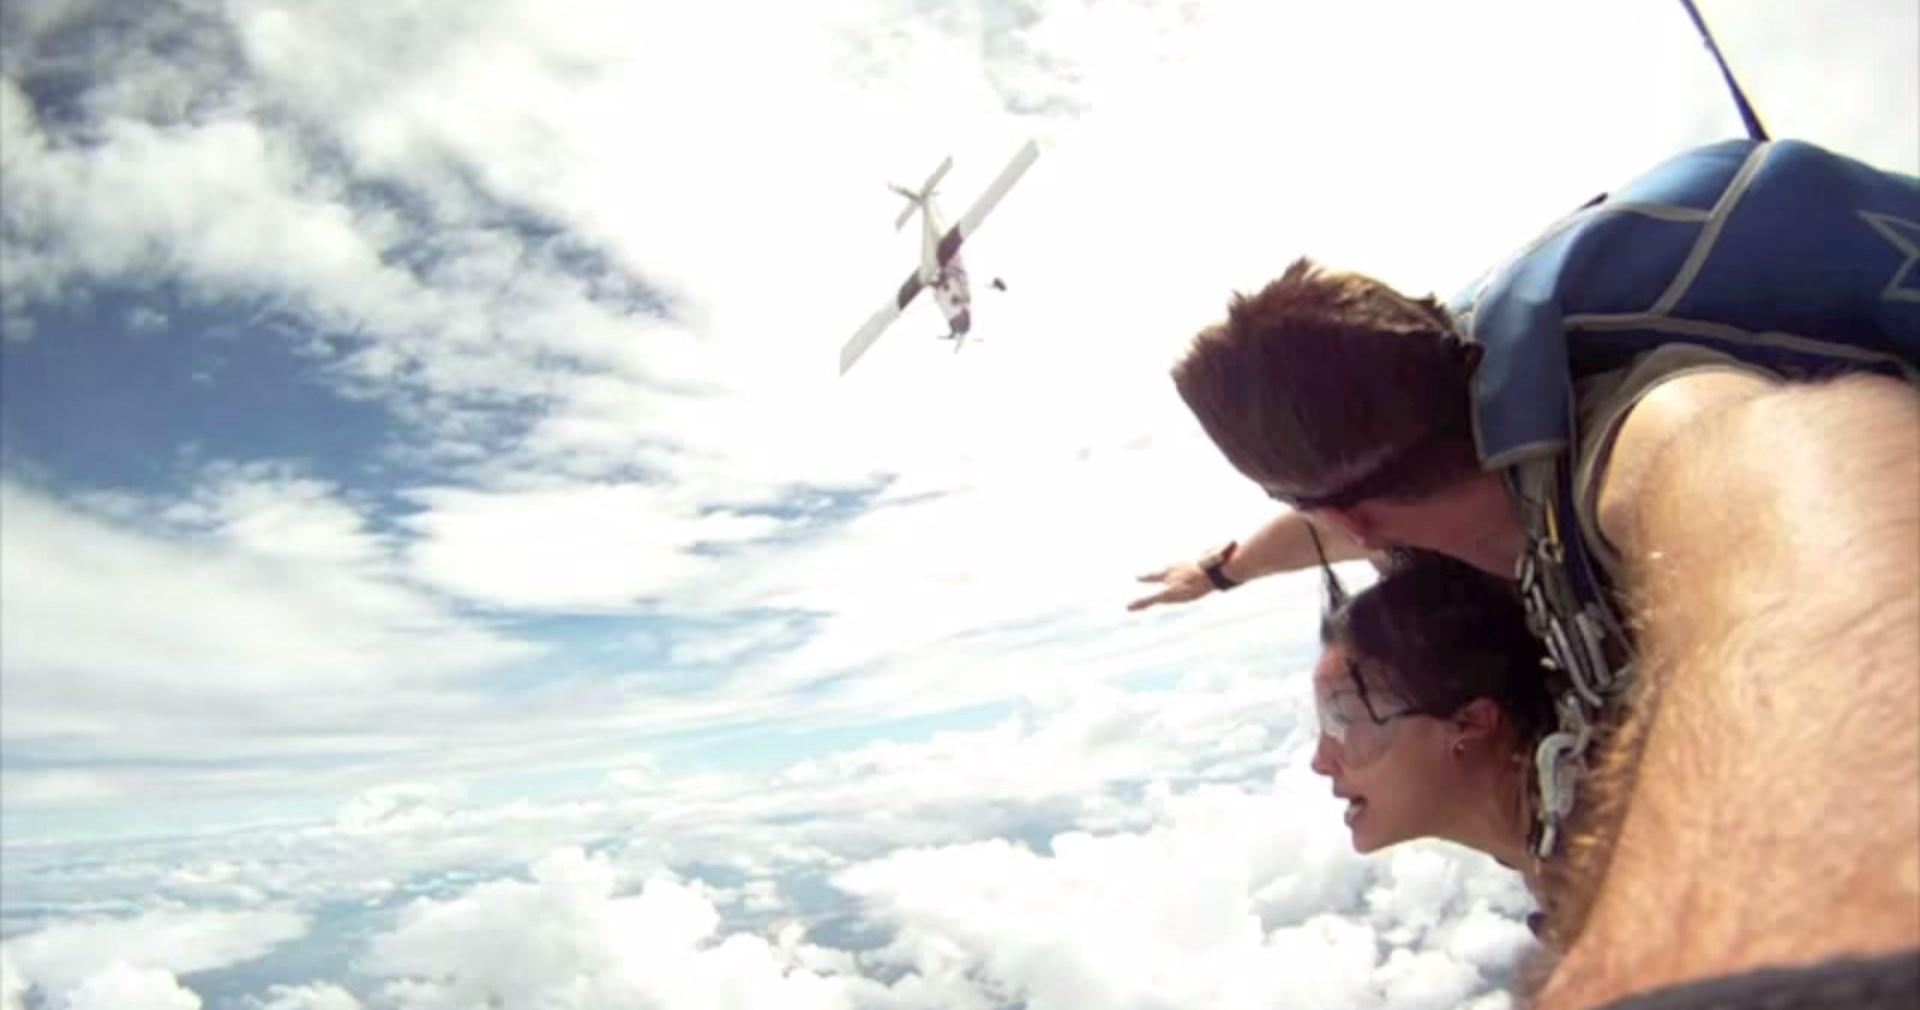 Paraquedistas quase colidem com avião em pleno voo 10153724483798